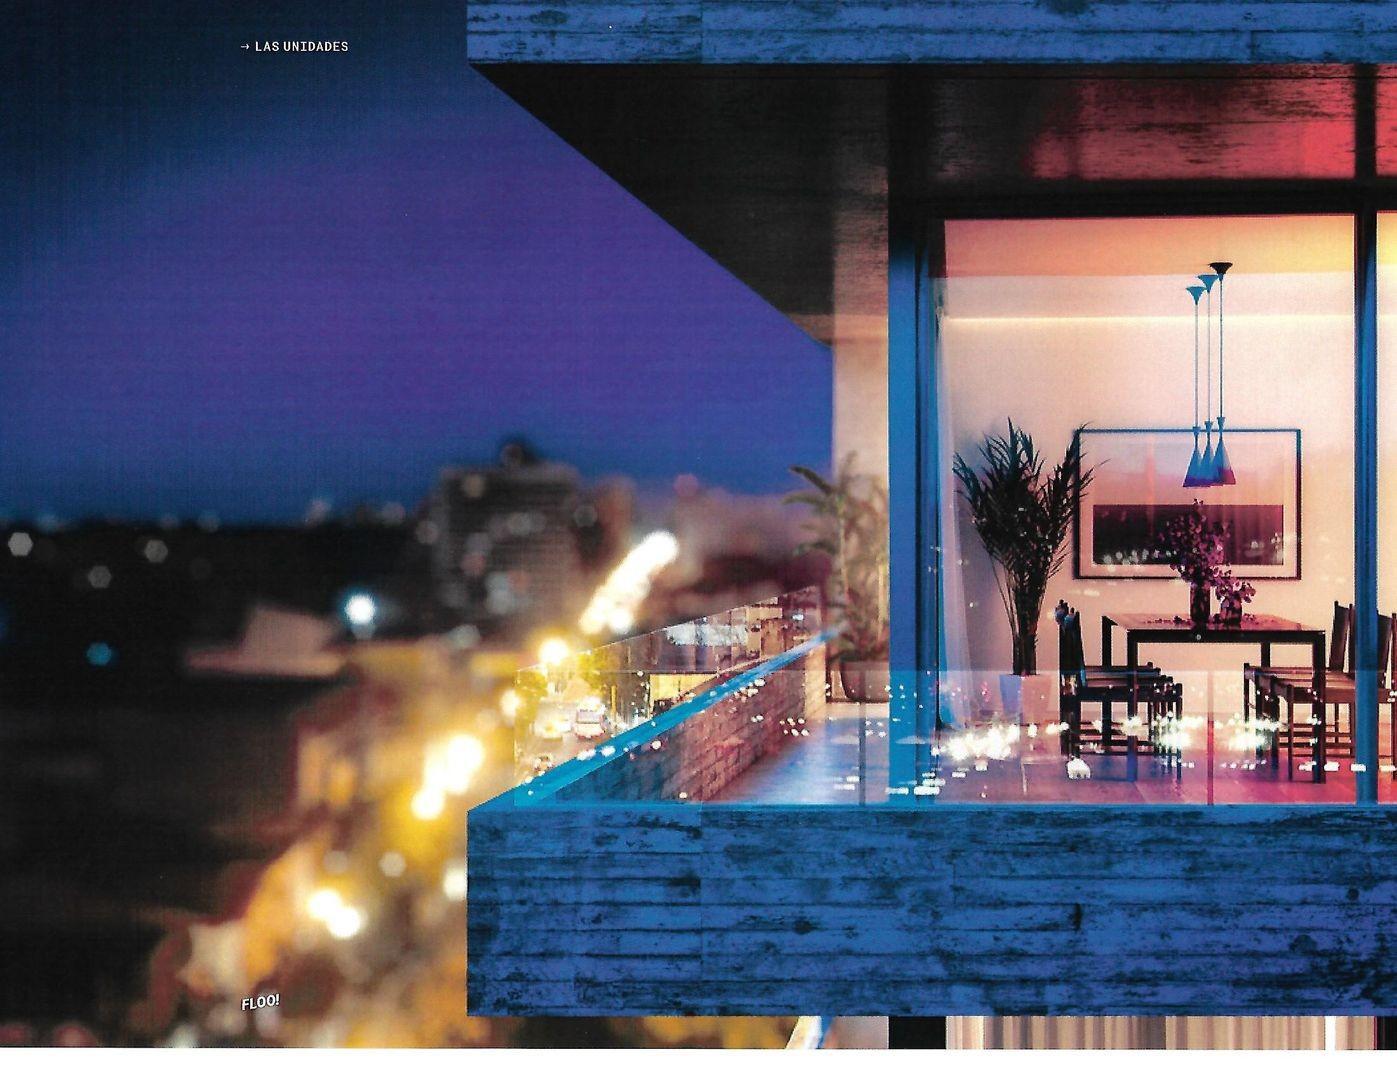 FLOO! Departamento de 3 ambientes con dos baños, cocina independiente y balcón.